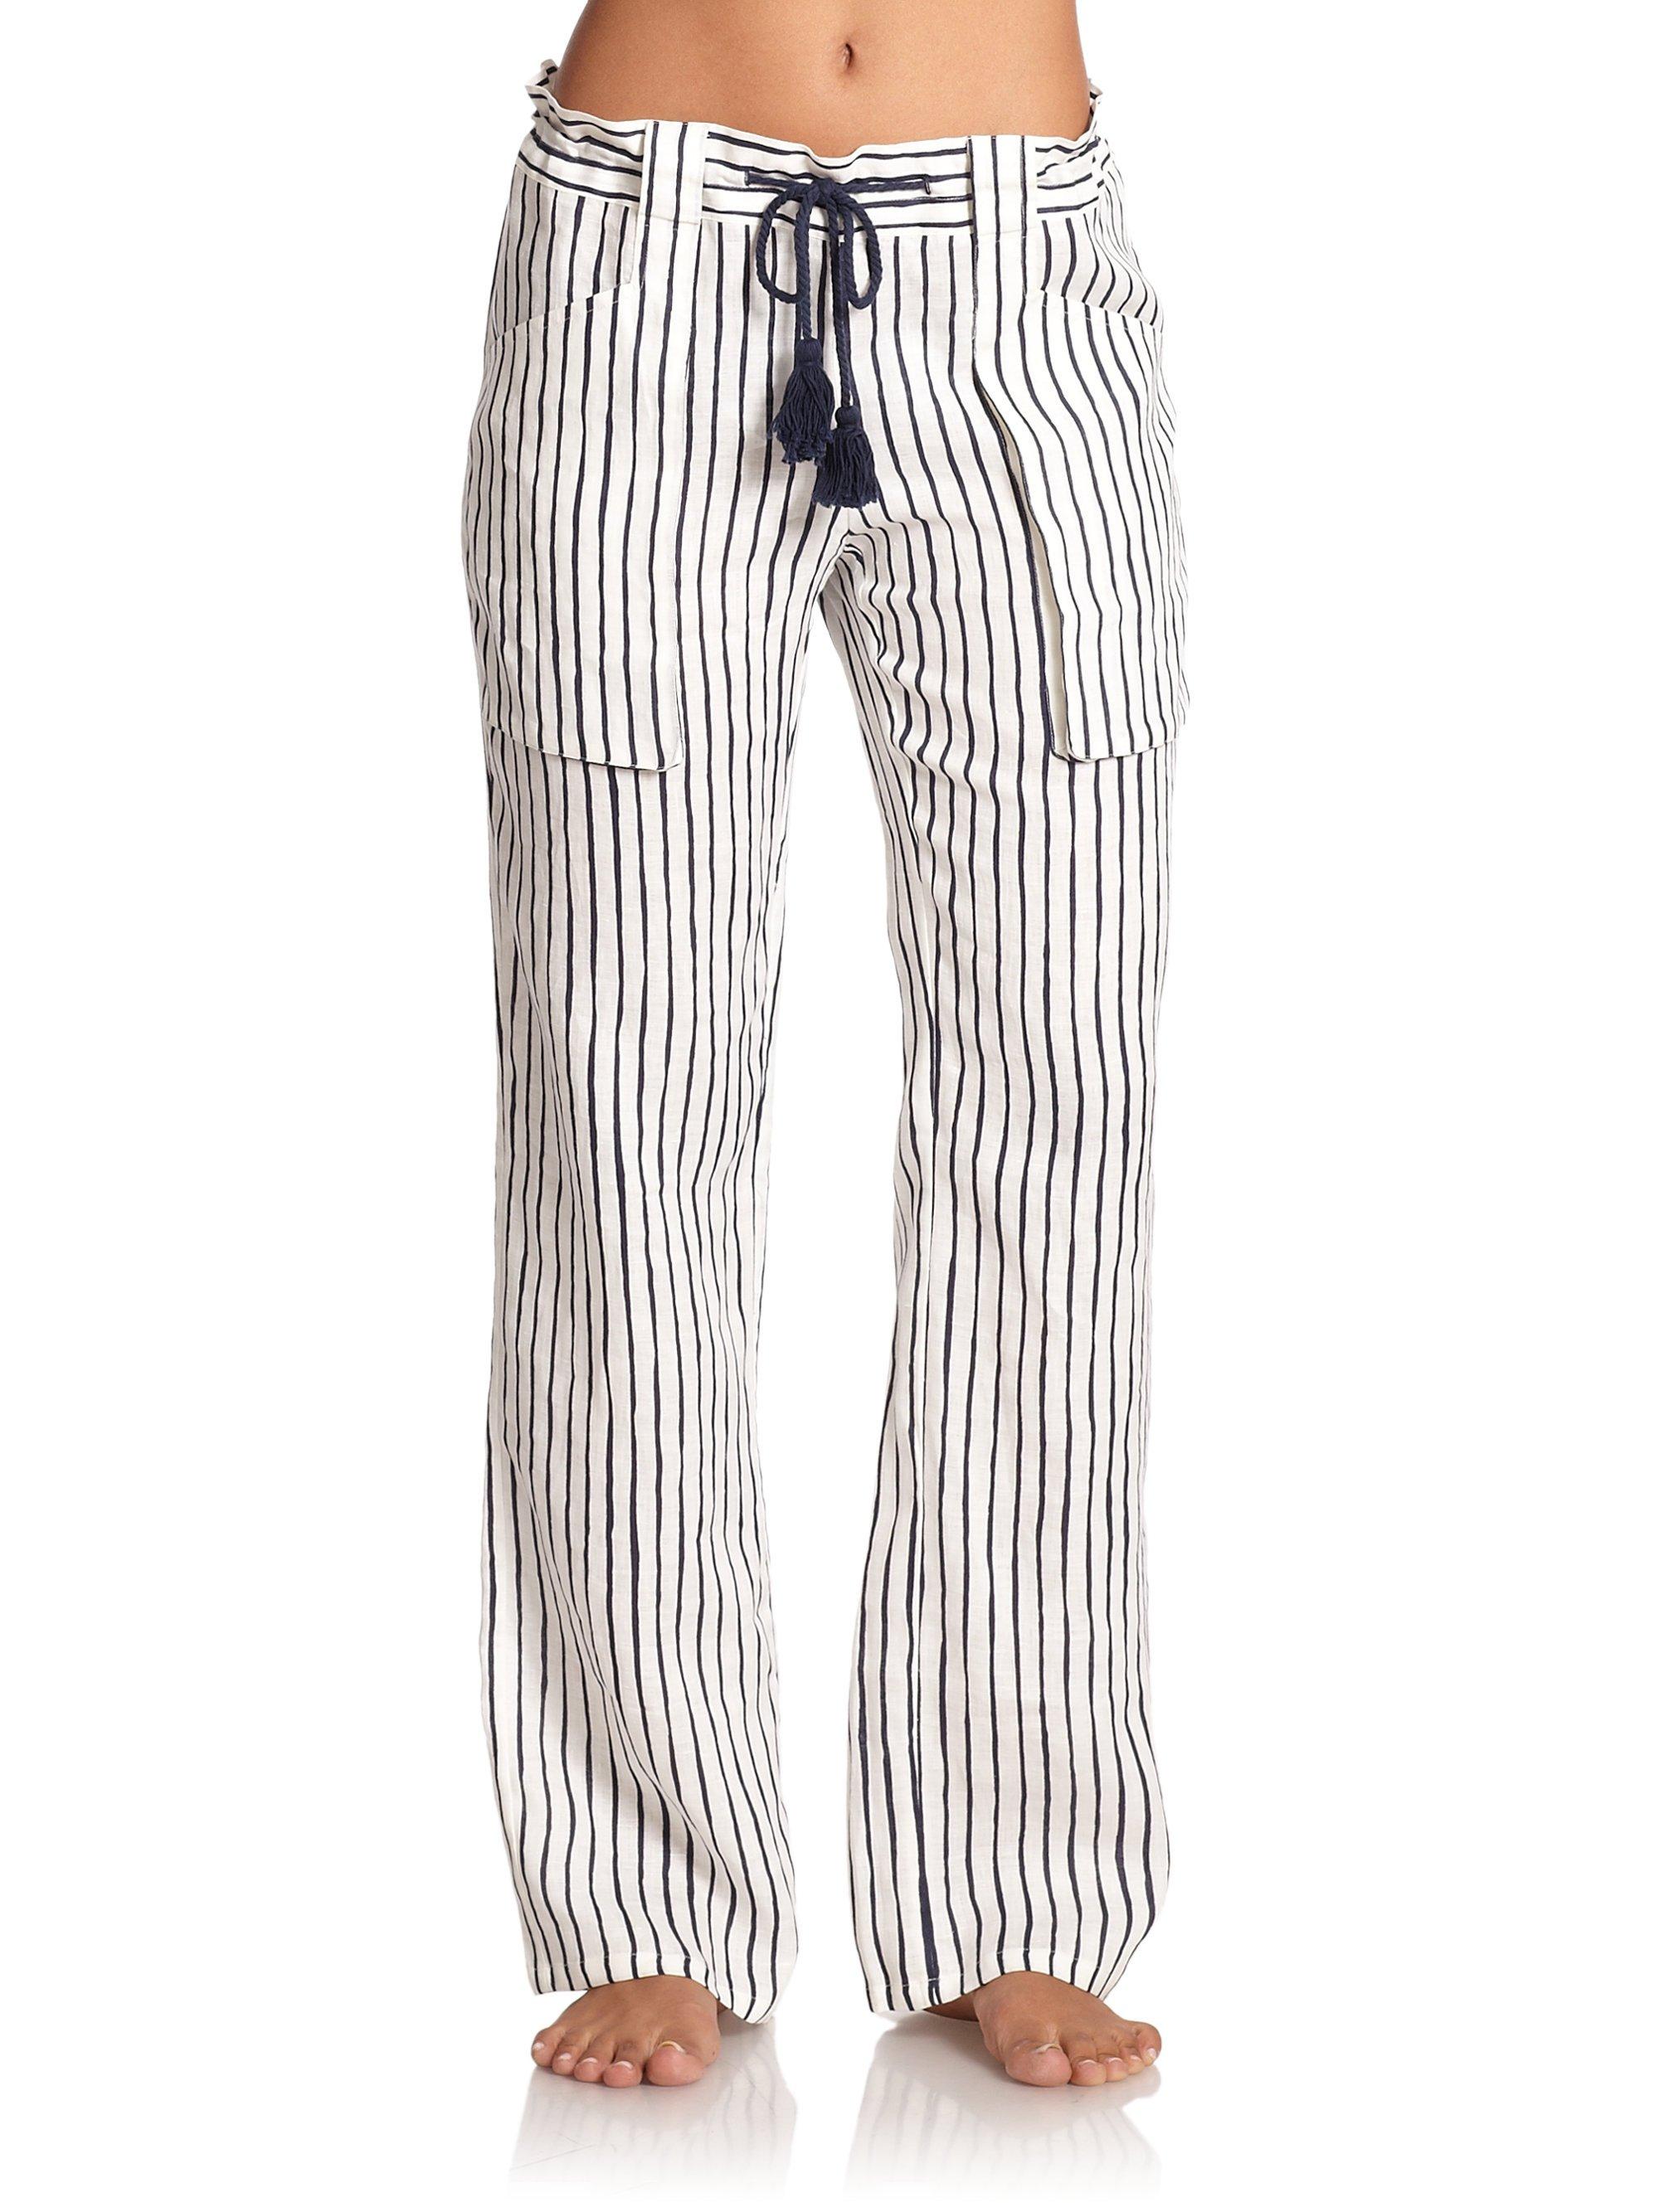 Striped Linen Pants Pi Pants